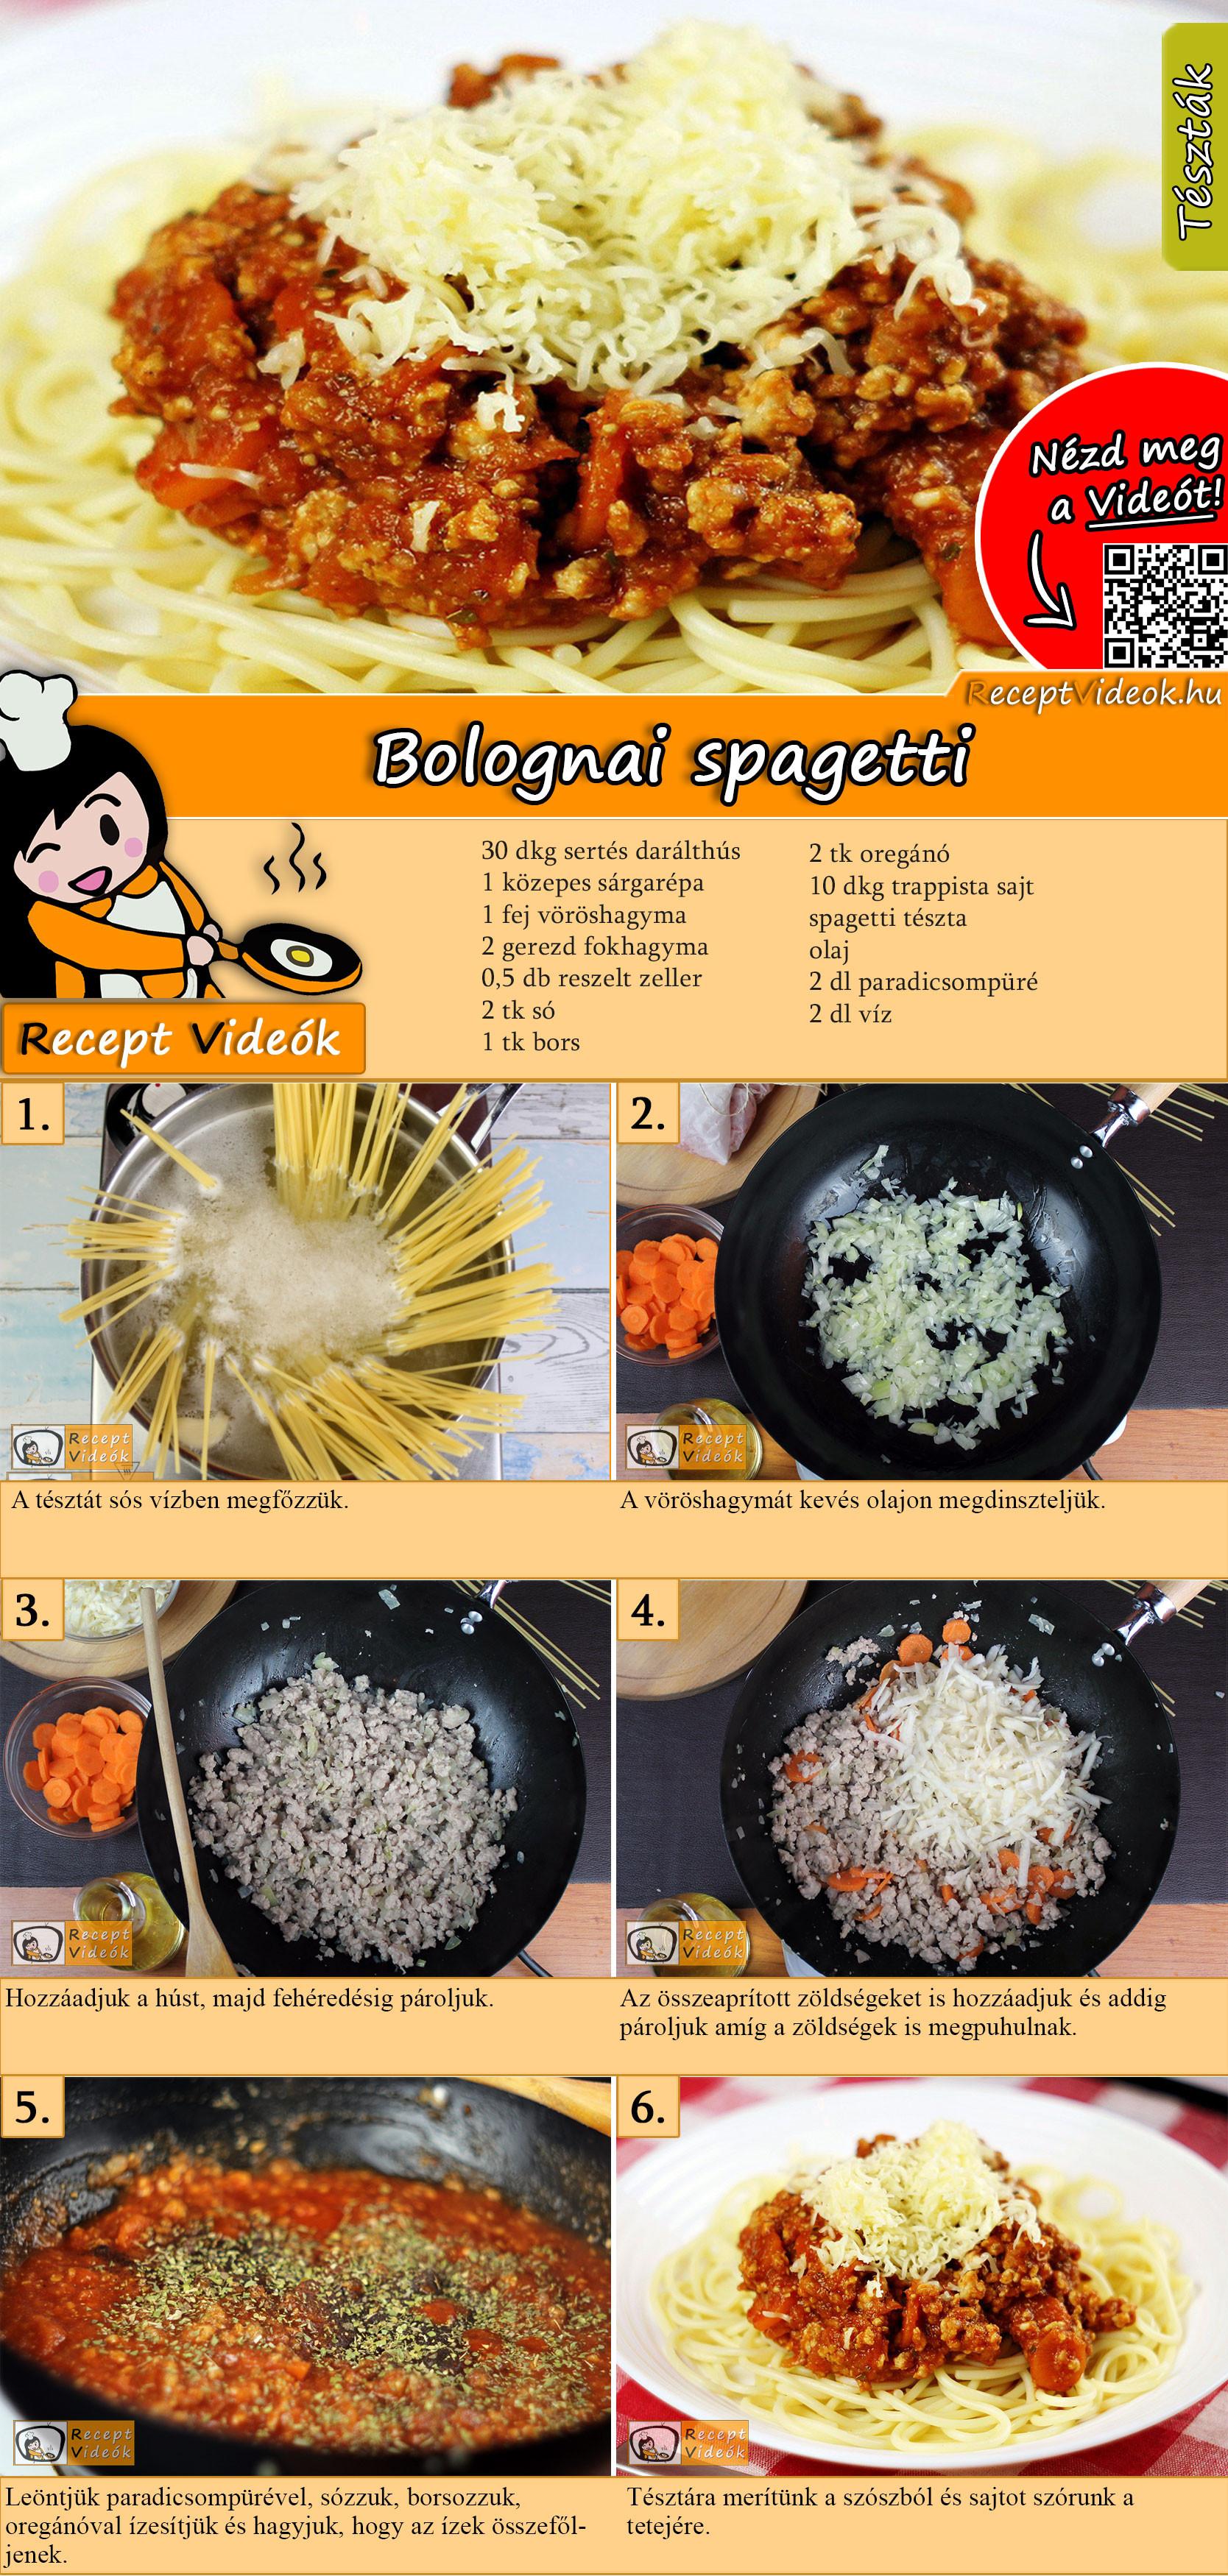 Bolognai spagetti recept elkészítése videóval